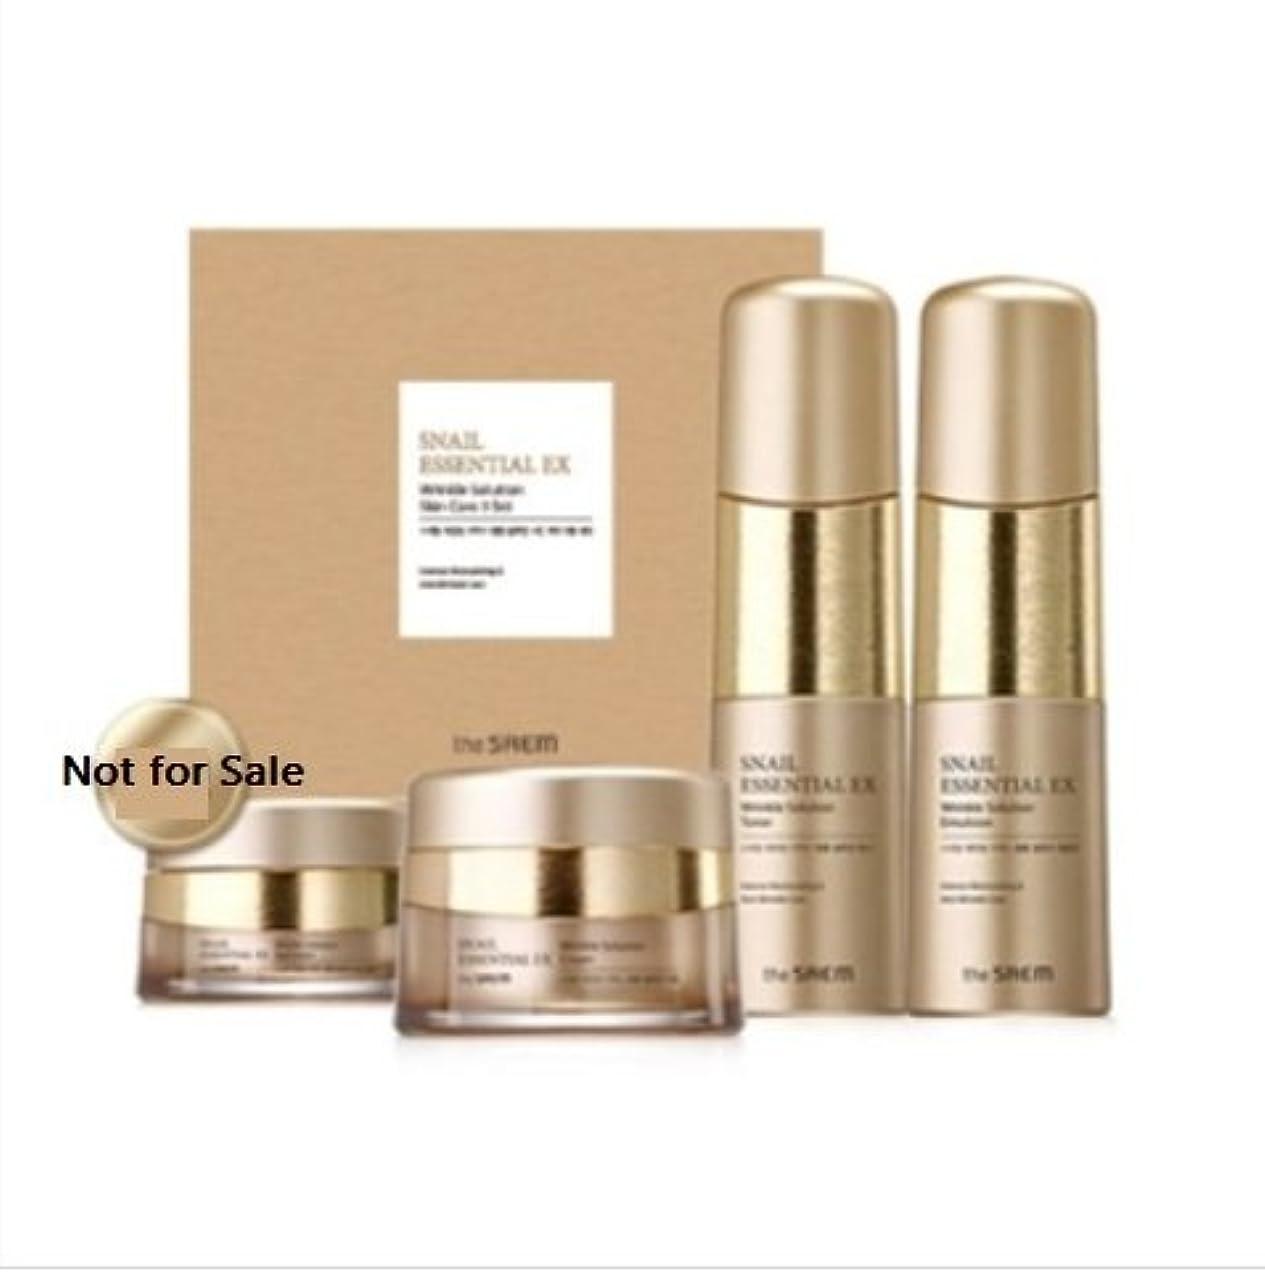 骨折吸い込む満足させる[ザセム] The Saem [スネイル エッセンシャル EXリンクルソリューション スキンケア 3種セット] (Snail Essential EX-Wrinkle Solution Skin Care 3Set) [...